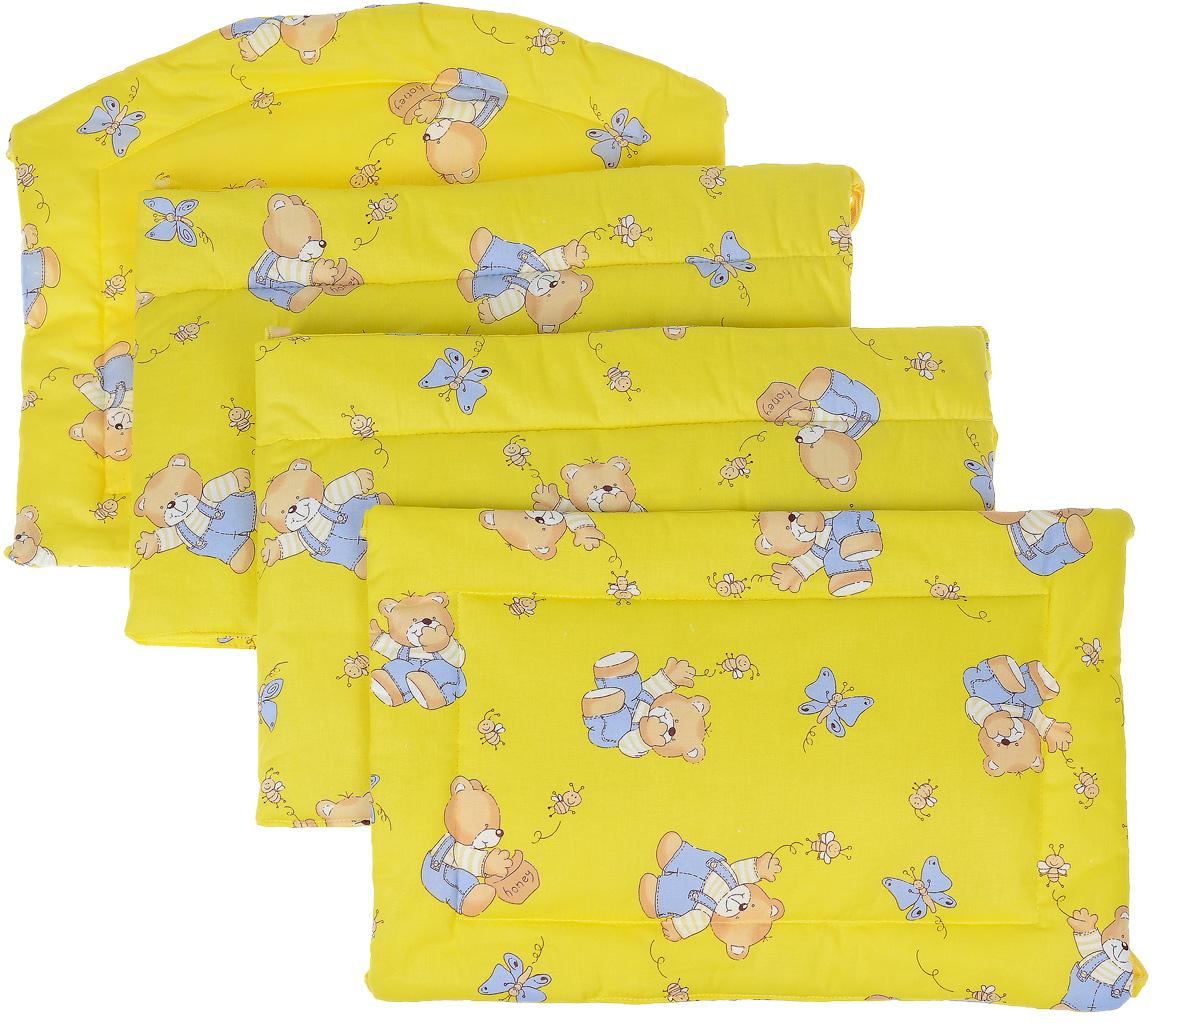 Фея Борт комбинированный 405 Мишка цвет желтый1045_желтыйКомбинированный бортик в кроватку Фея Мишка выполнен из высококачественных материалов. Бортик крепится к кроватке с помощью специальных завязок, благодаря чему его можно поместить в любую детскую кроватку. Он защитит малыша от сквозняков, а когда ребенок подрастет и начнет вставать - от ударов при возможных падениях. Малыш с удовольствием будет разглядывать забавные рисунки, красочный бортик в кроватку выполняет эстетическую функцию, делая внешний вид кроватки еще прекраснее. Бортик обеспечит изолированность и уют внутри кроватки для малыша во время его отдыха.